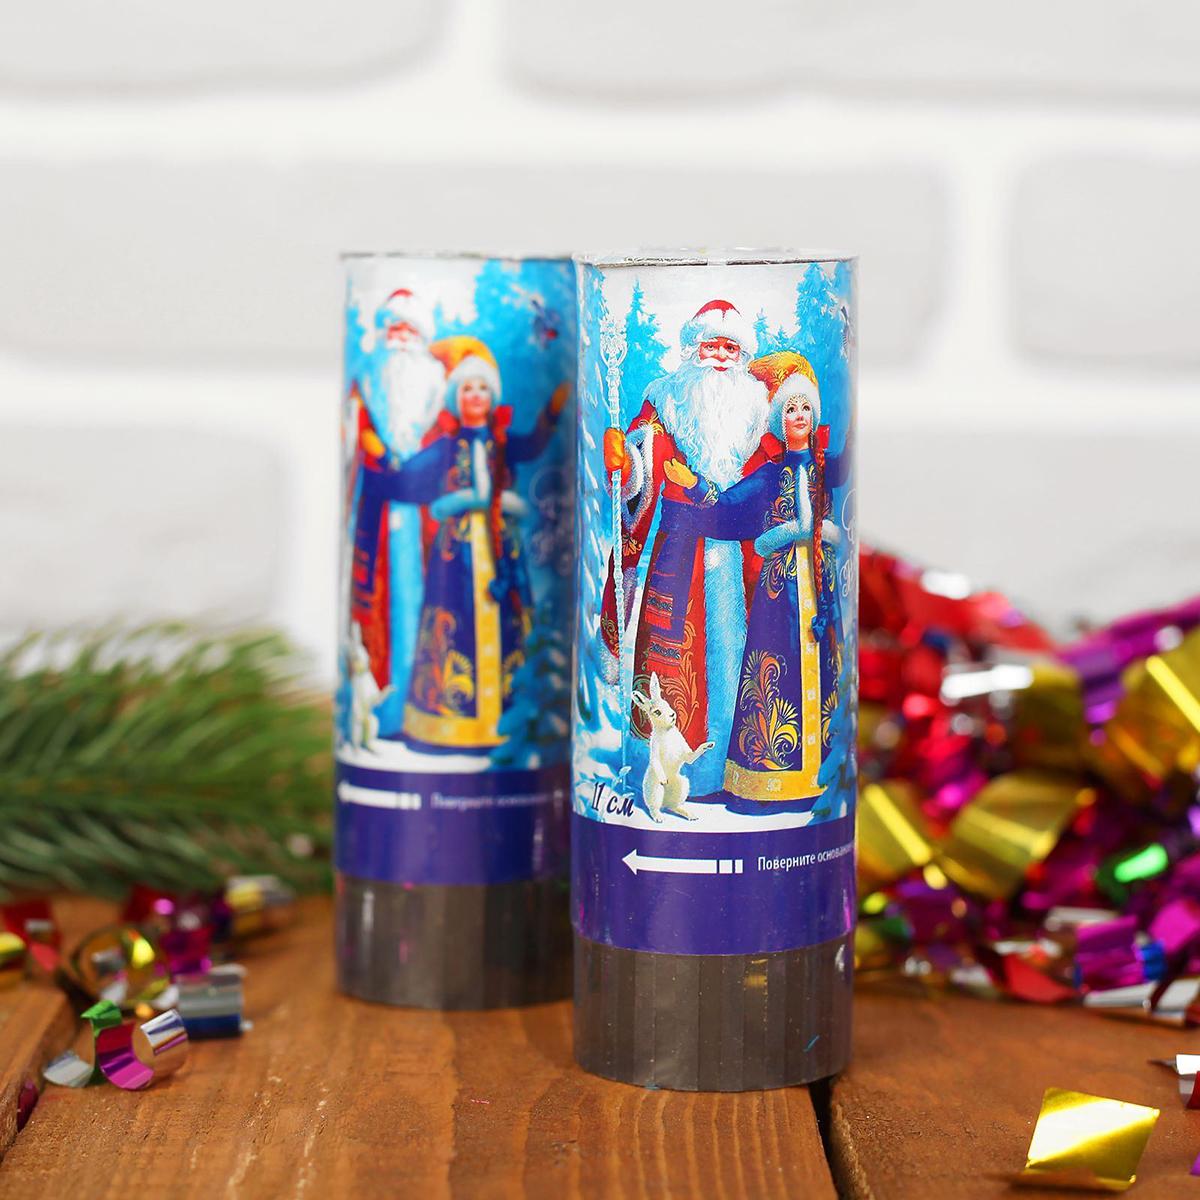 Хлопушка пружинная Страна Карнавалия Счастливого Нового года!, 11 см. 13130661313066Придайте новогоднему празднику по-настоящему взрывной характер! Пружинная хлопушкаСтрана Карнавалия стреляет серпантином, конфетти и фольгой. Приводится в действие приповороте специально обозначенной части.Такой атрибут - это не пиротехника, а значит, вы можете безопасно устраивать маленькиефейерверки в помещении и на улице. А небольшой размер позволит взять её с собой куда угодно. Сделайте зимнее торжество ярким!Размер: 11 см.